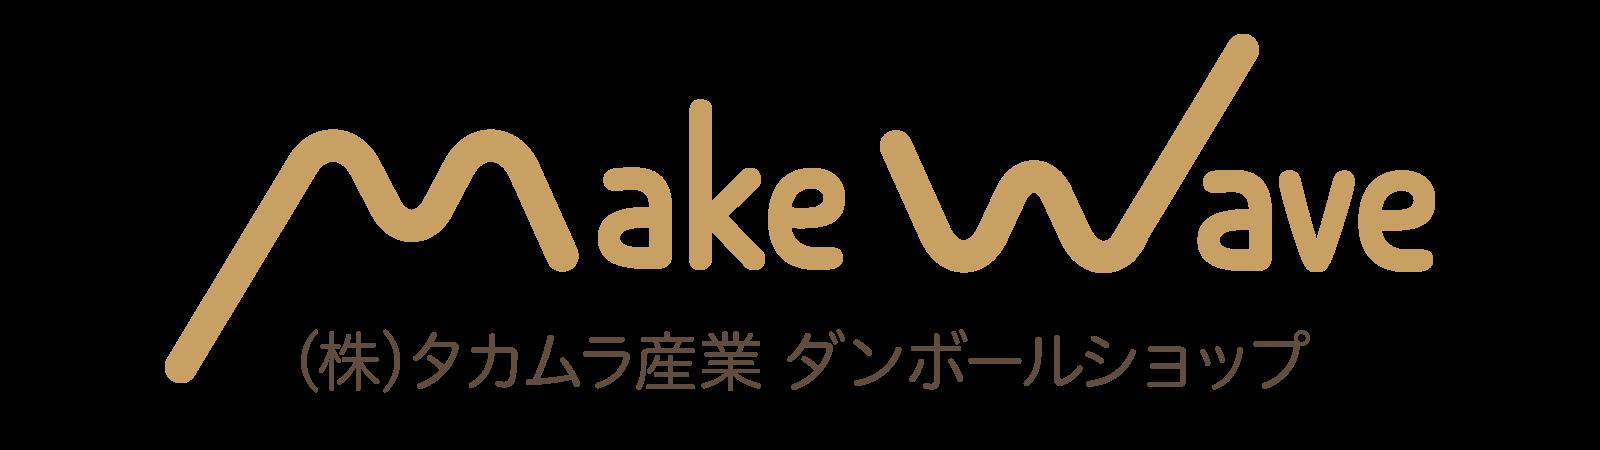 (株)タカムラ産業 ダンボールショップ 「Make Wave」